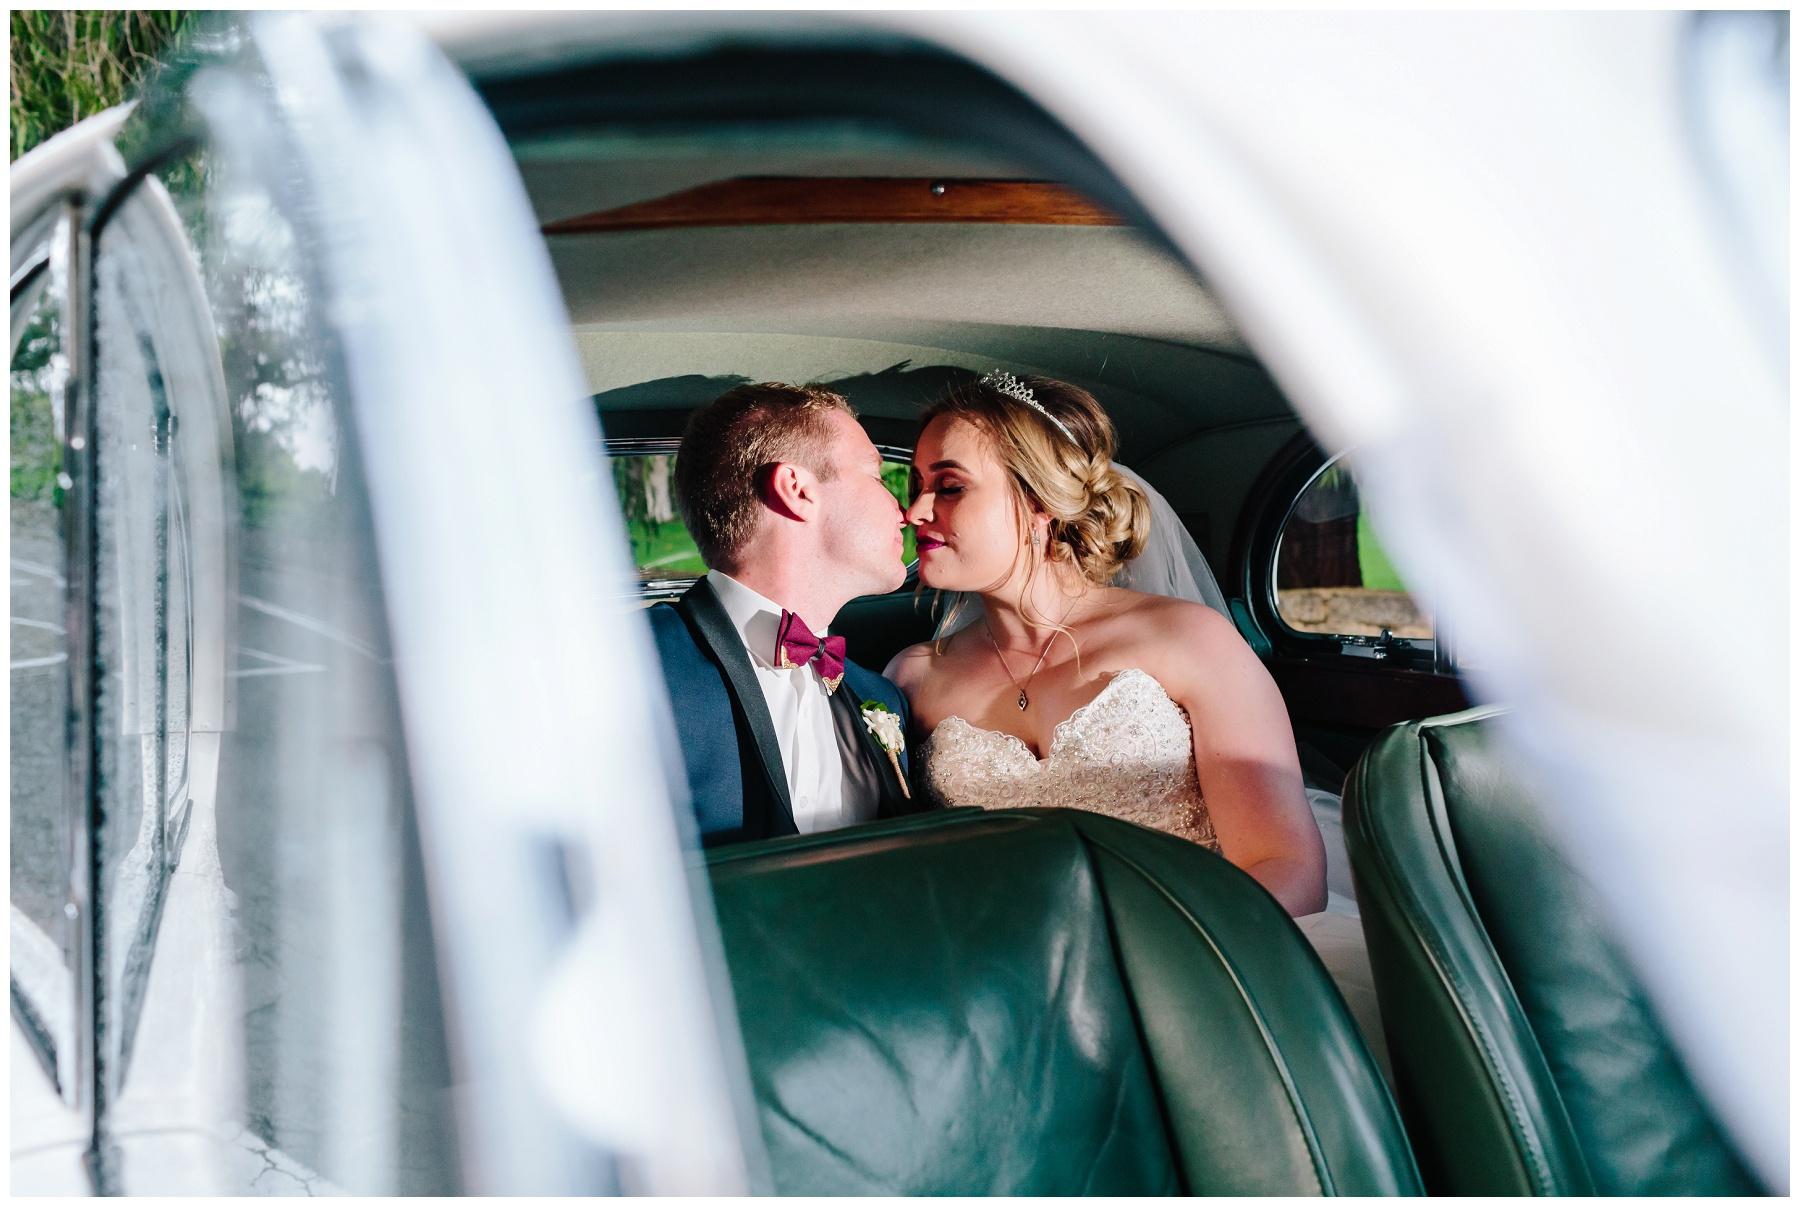 SoCal wedding car